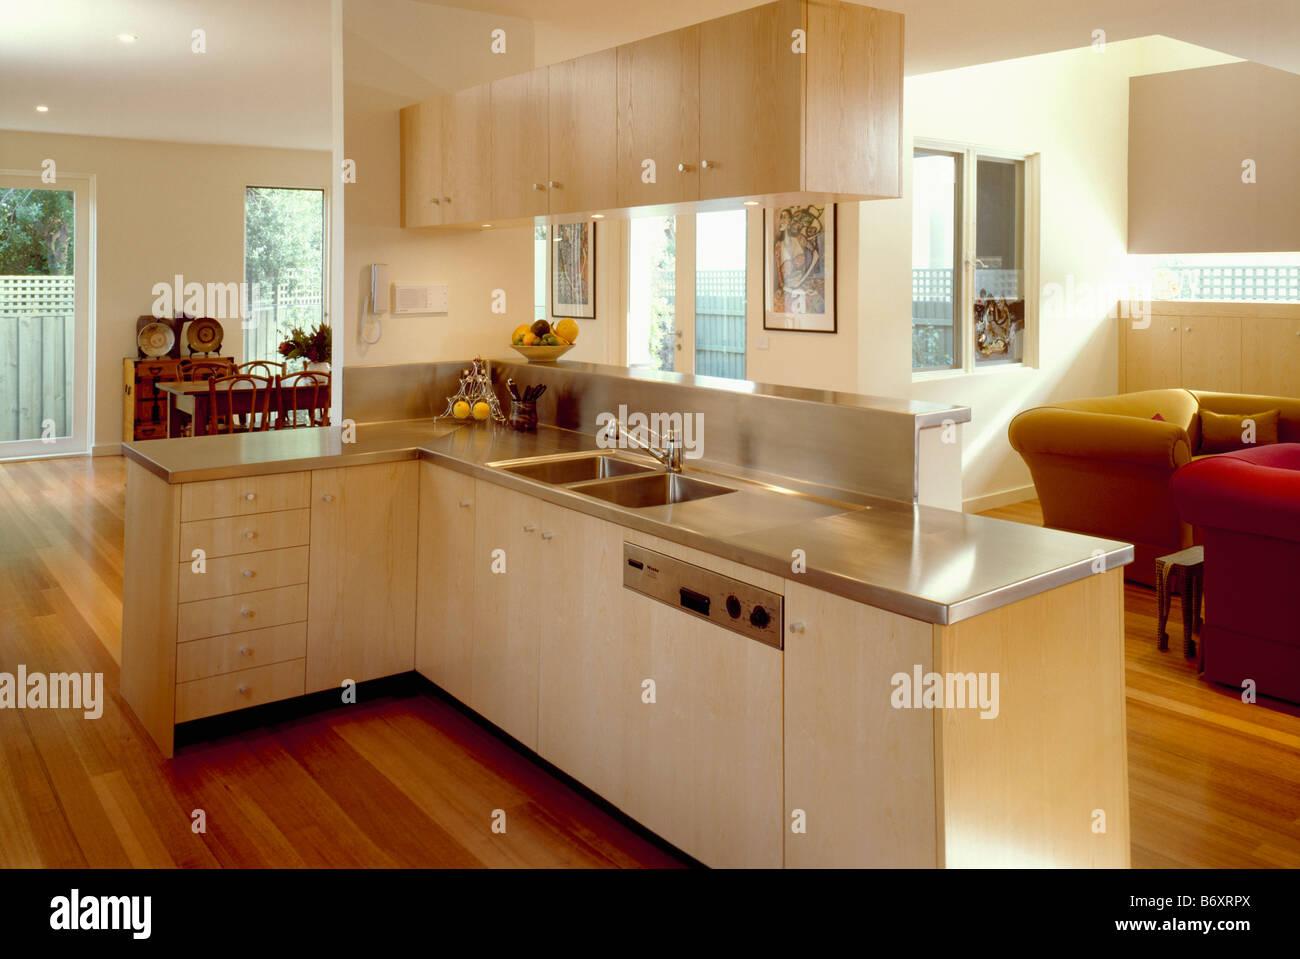 edelstahl arbeitsplatten und ausgestattete geschirrsp ler in offene k che mit hellen holz. Black Bedroom Furniture Sets. Home Design Ideas